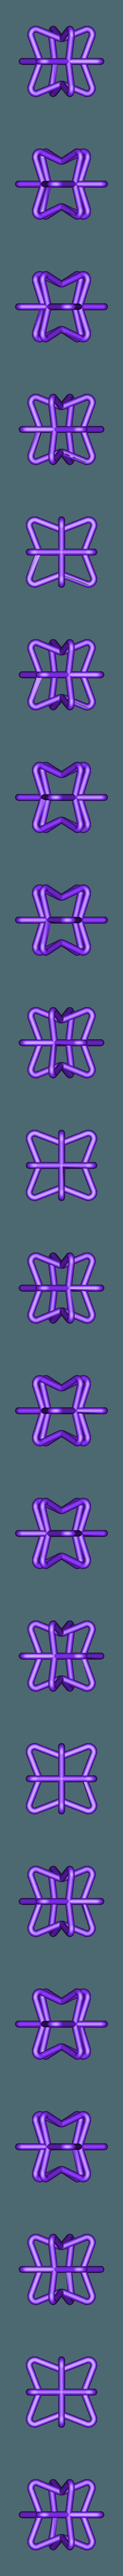 A2_7.stl Télécharger fichier STL gratuit Cellules de l'unité auxiliaire • Objet imprimable en 3D, sjpiper145